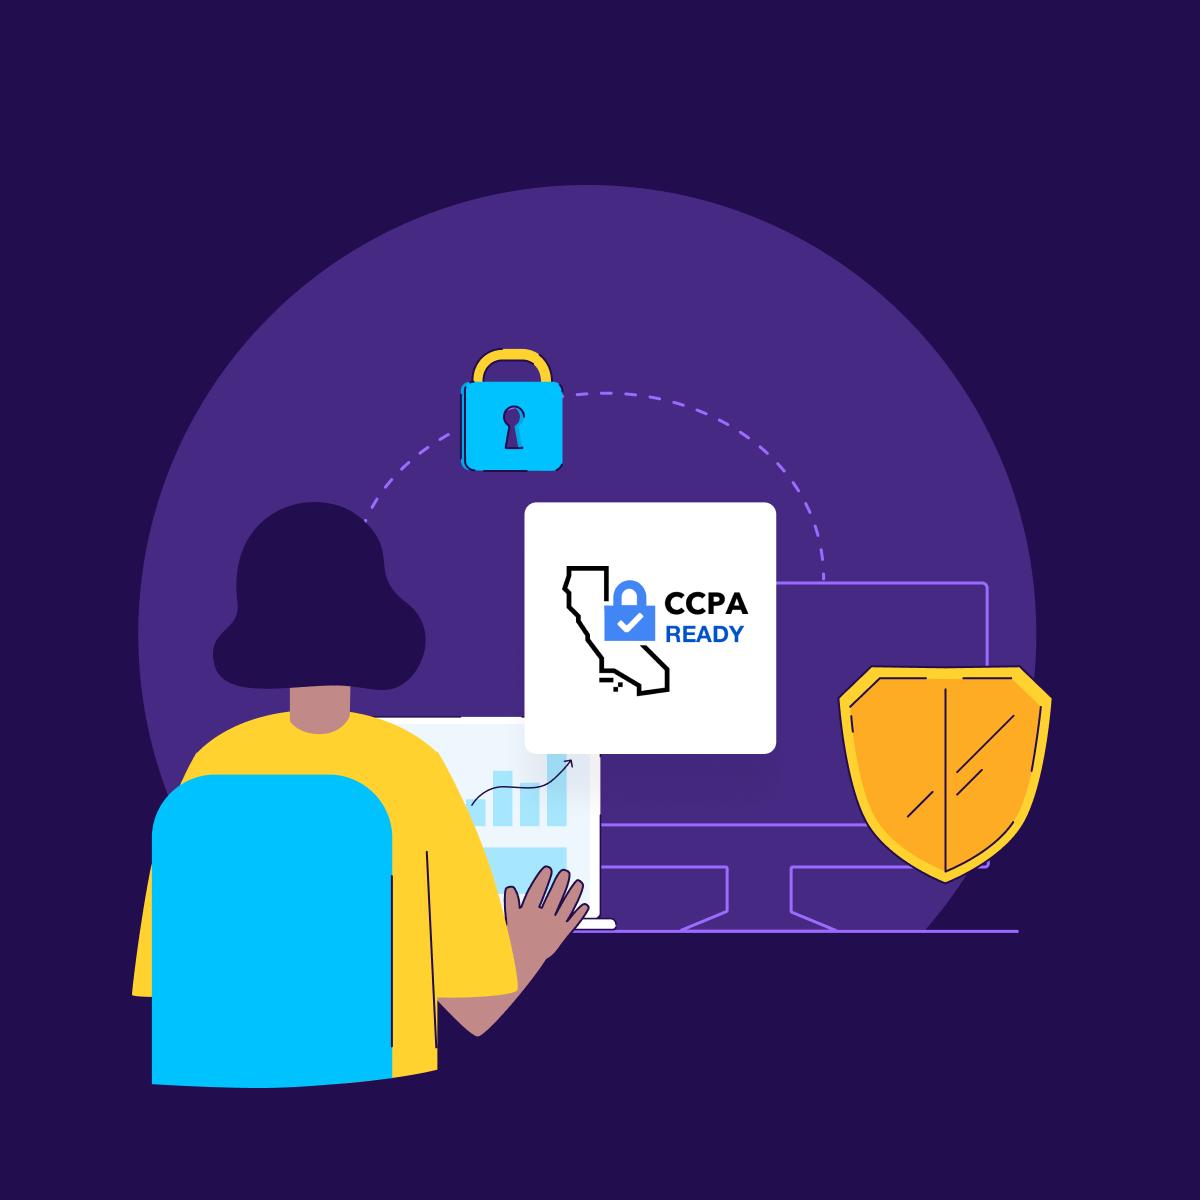 ccpa new era data privacy